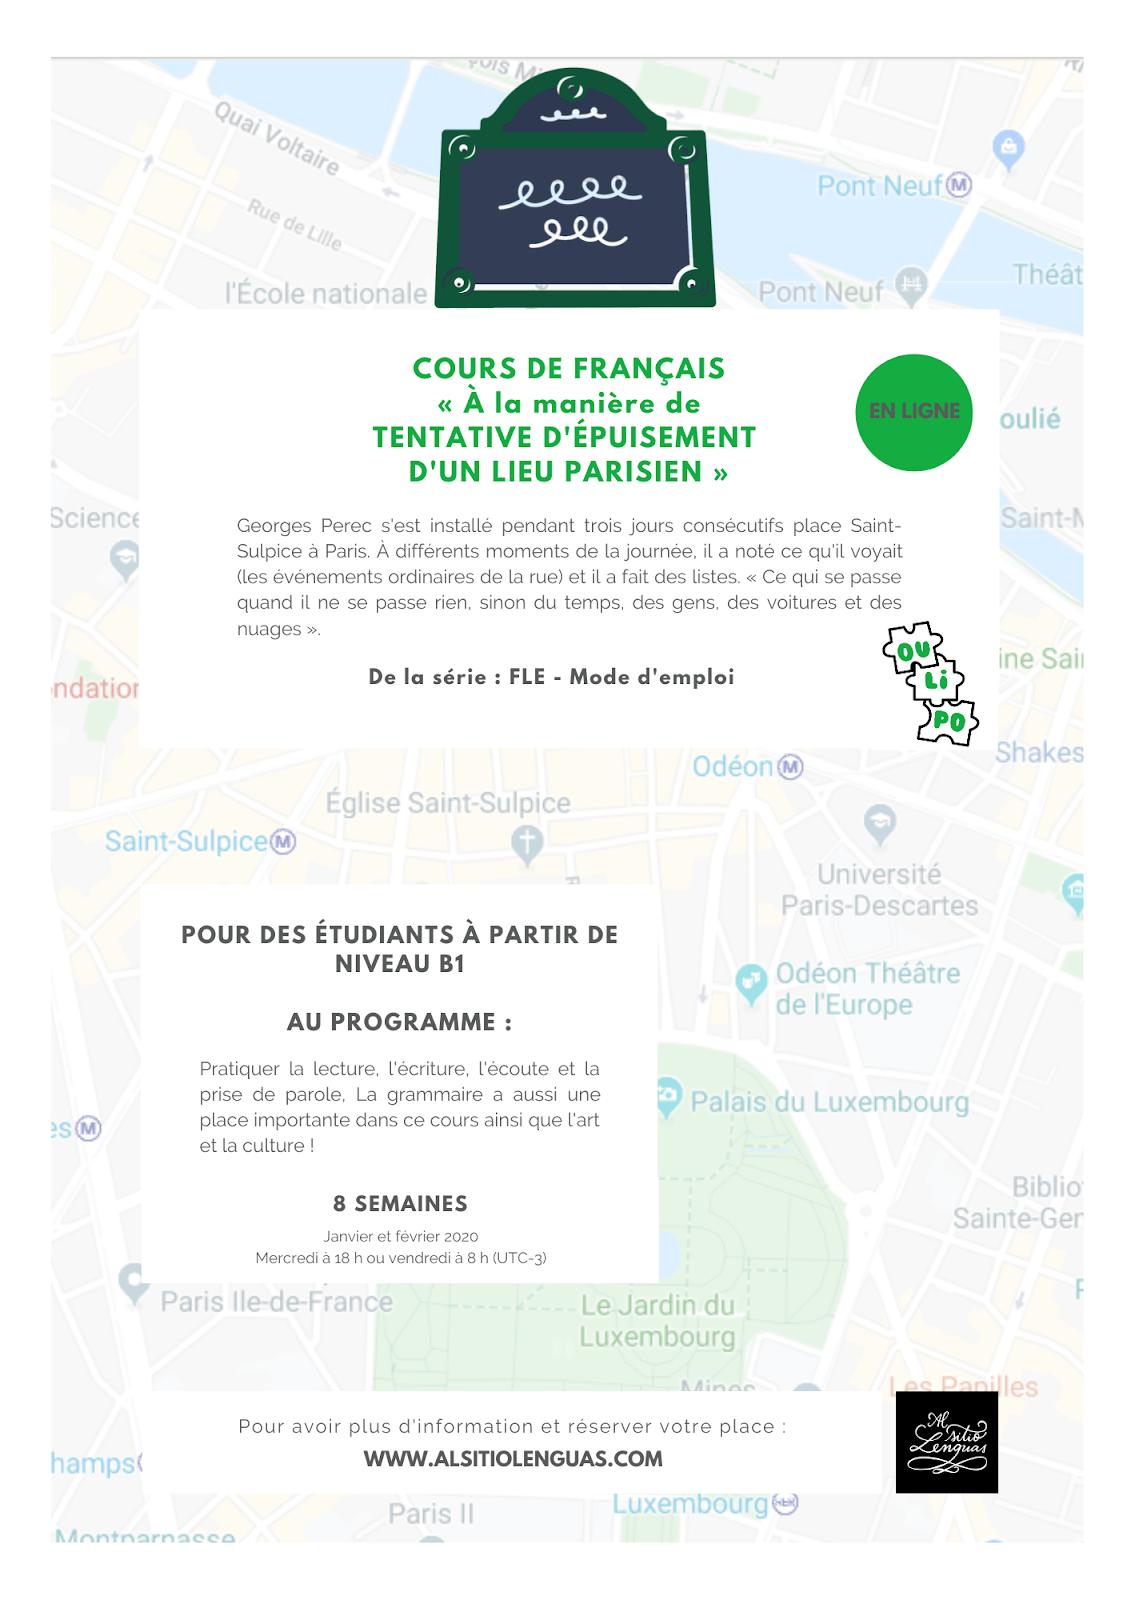 COURS DE FRANÇAIS, janvier-février 2020